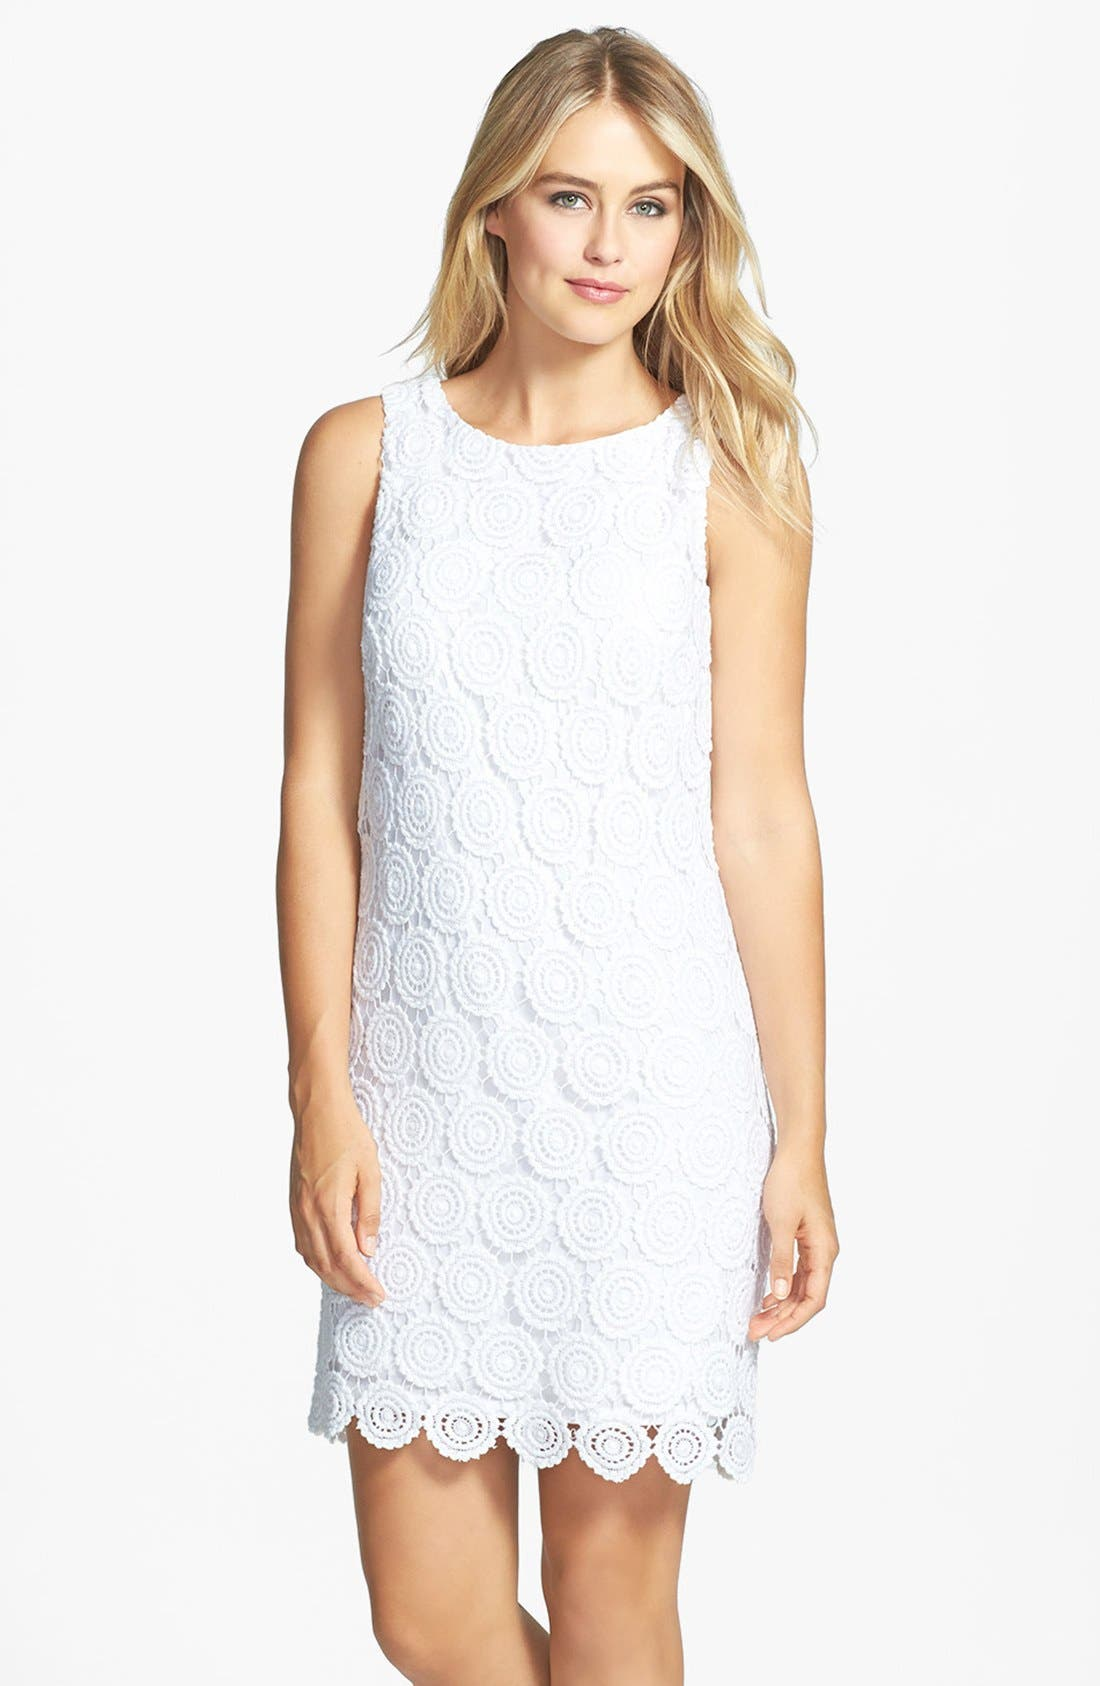 Alternate Image 1 Selected - Eliza J Eyelet Lace Shift Dress